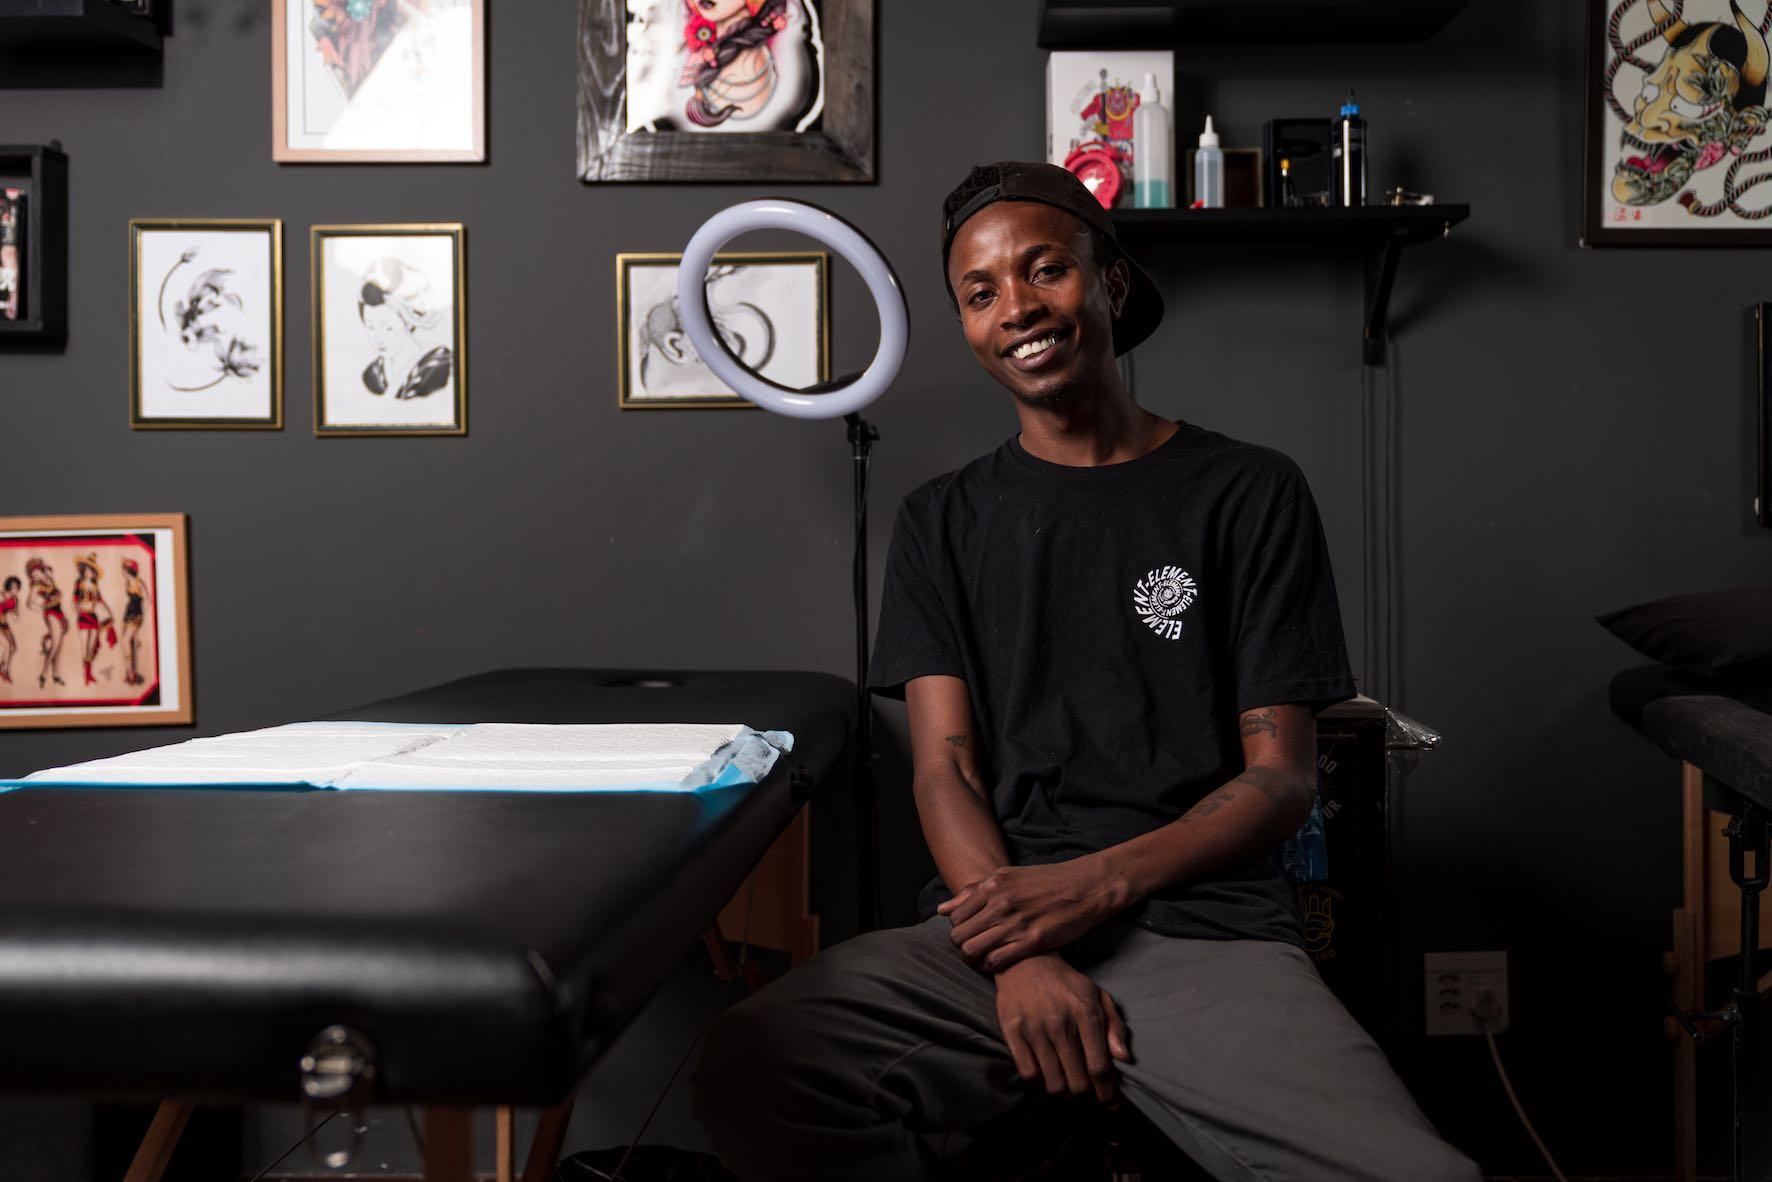 Meet Katleho Mokoena as our featured Tattoo Artist of the Week